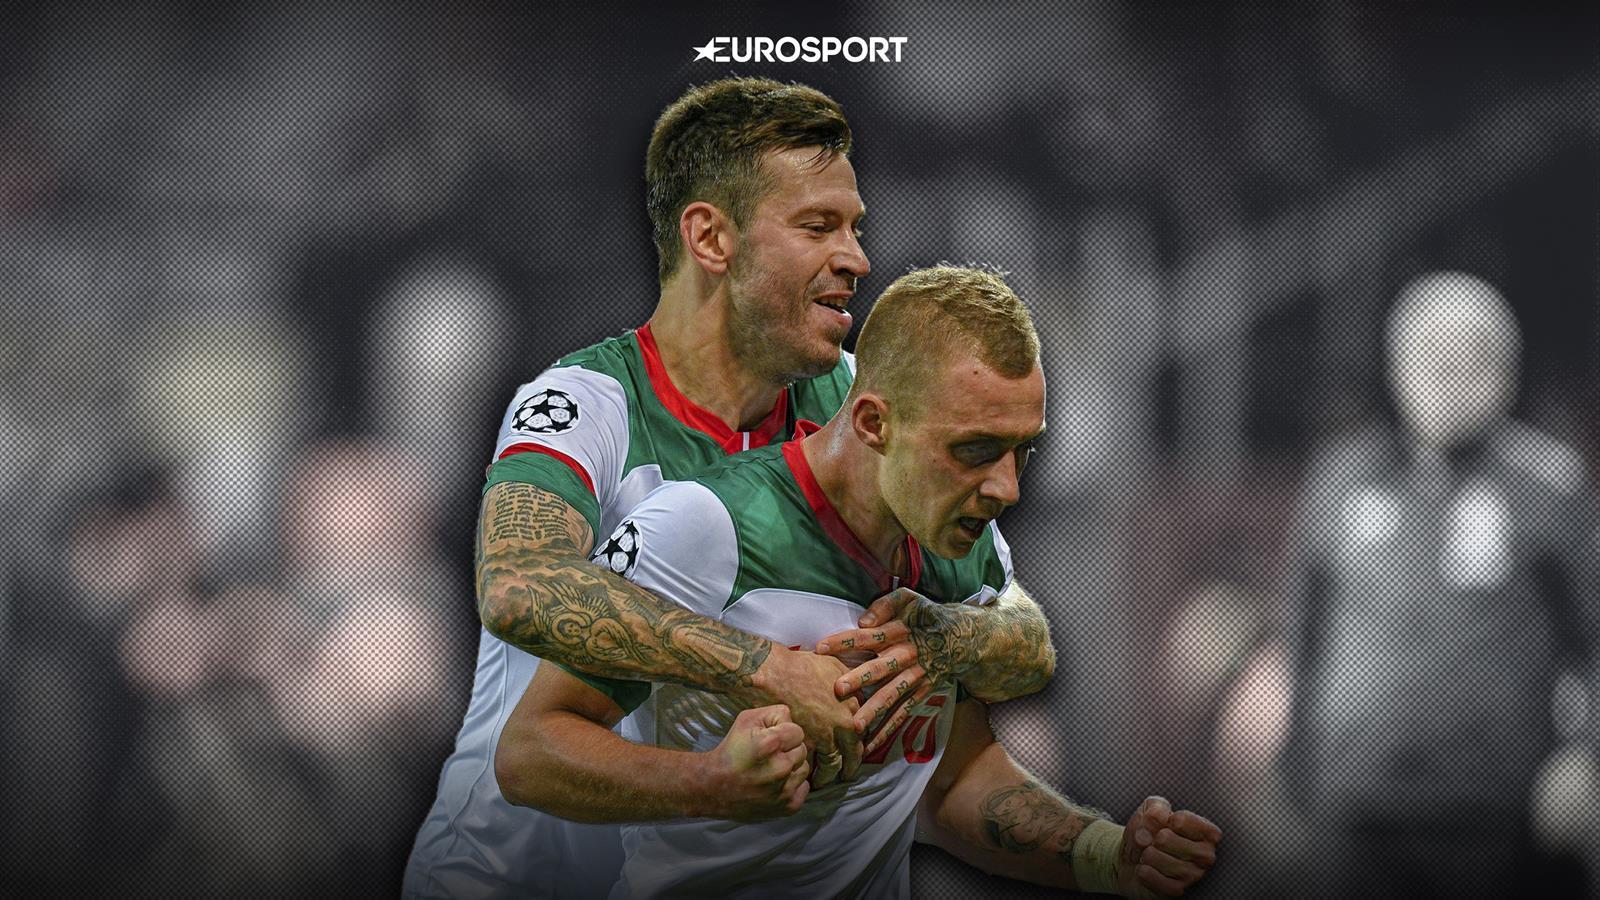 Репортаж футбольного матча немецкой лиги